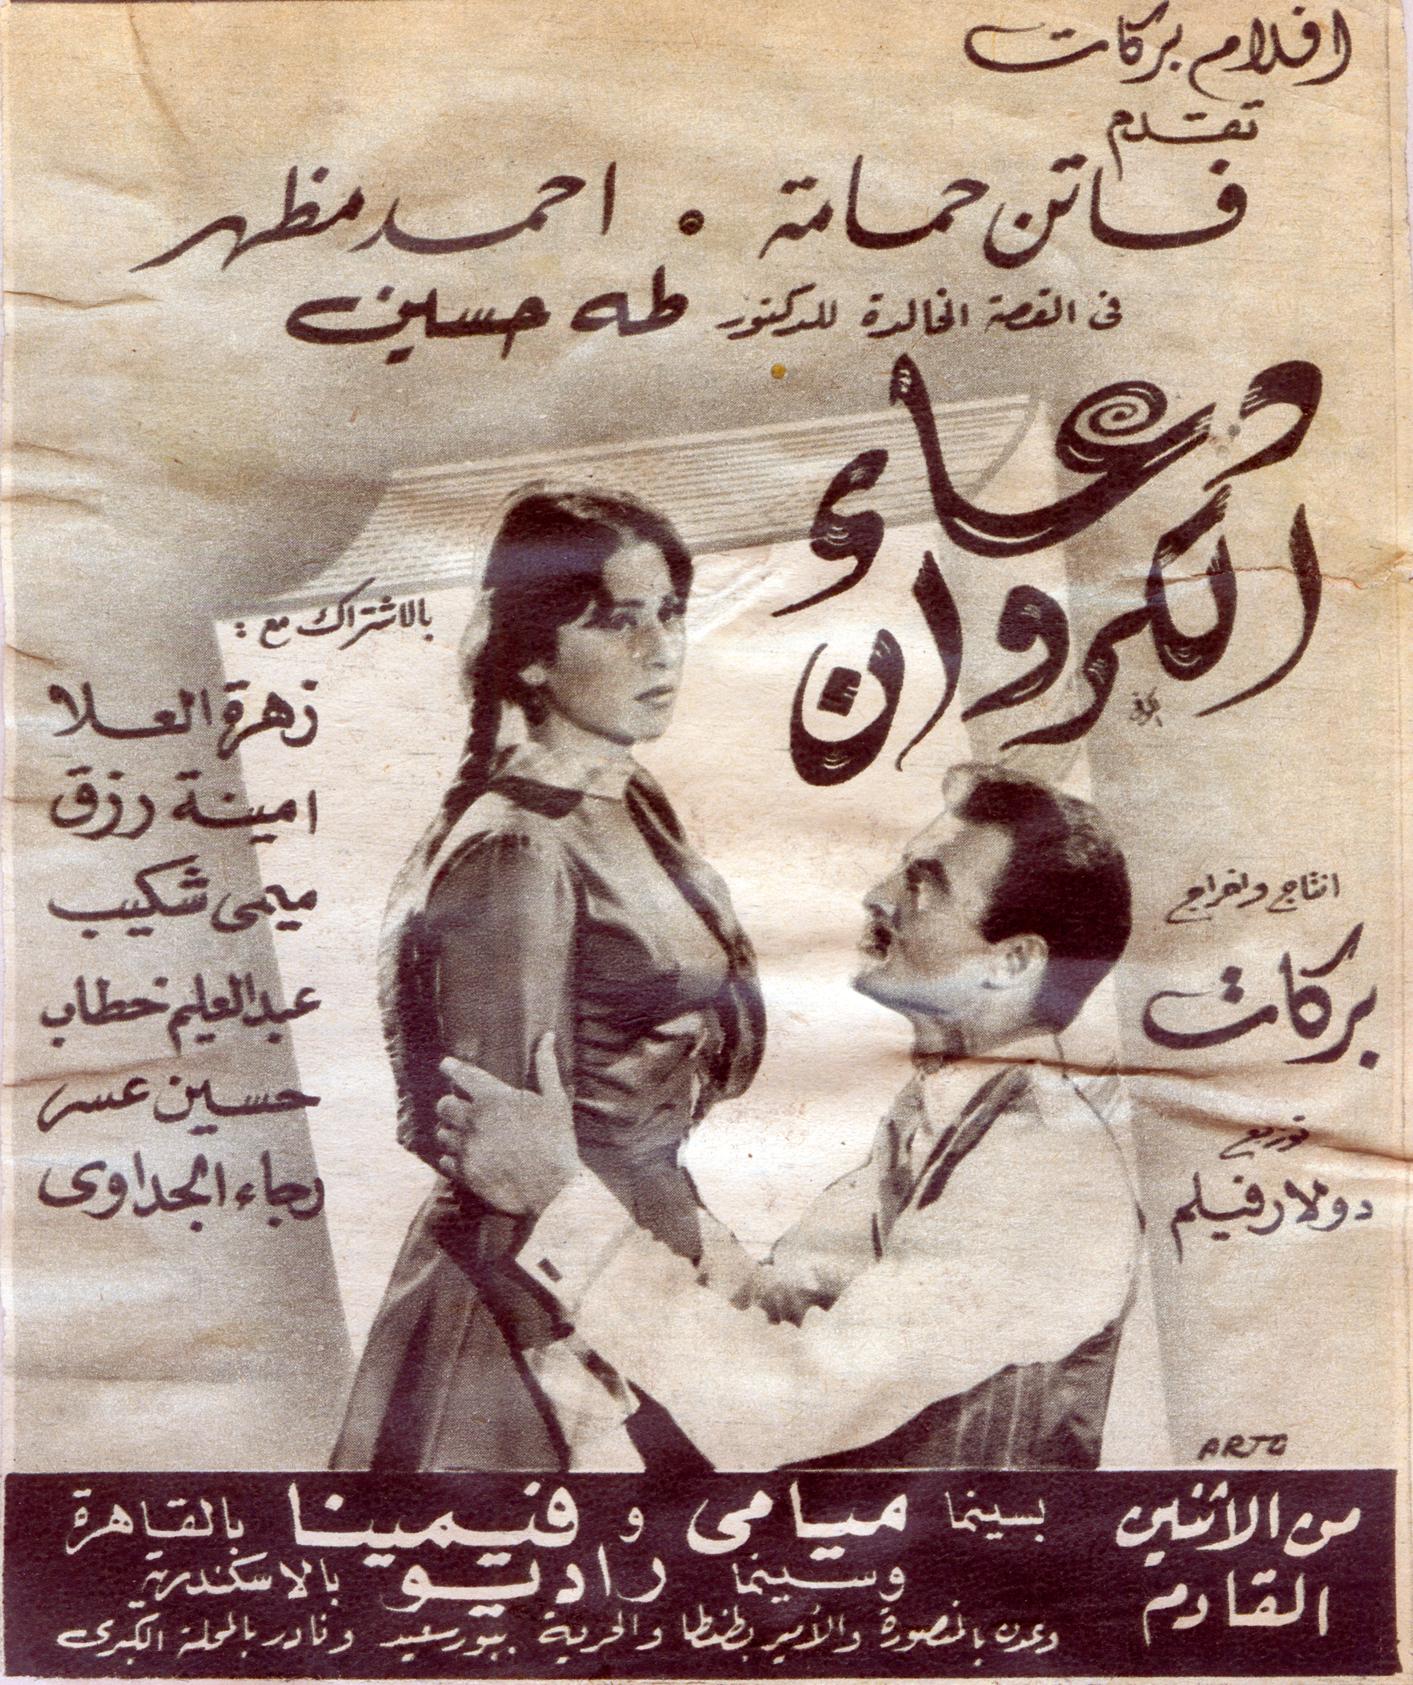 دعاء-الكروان-1959